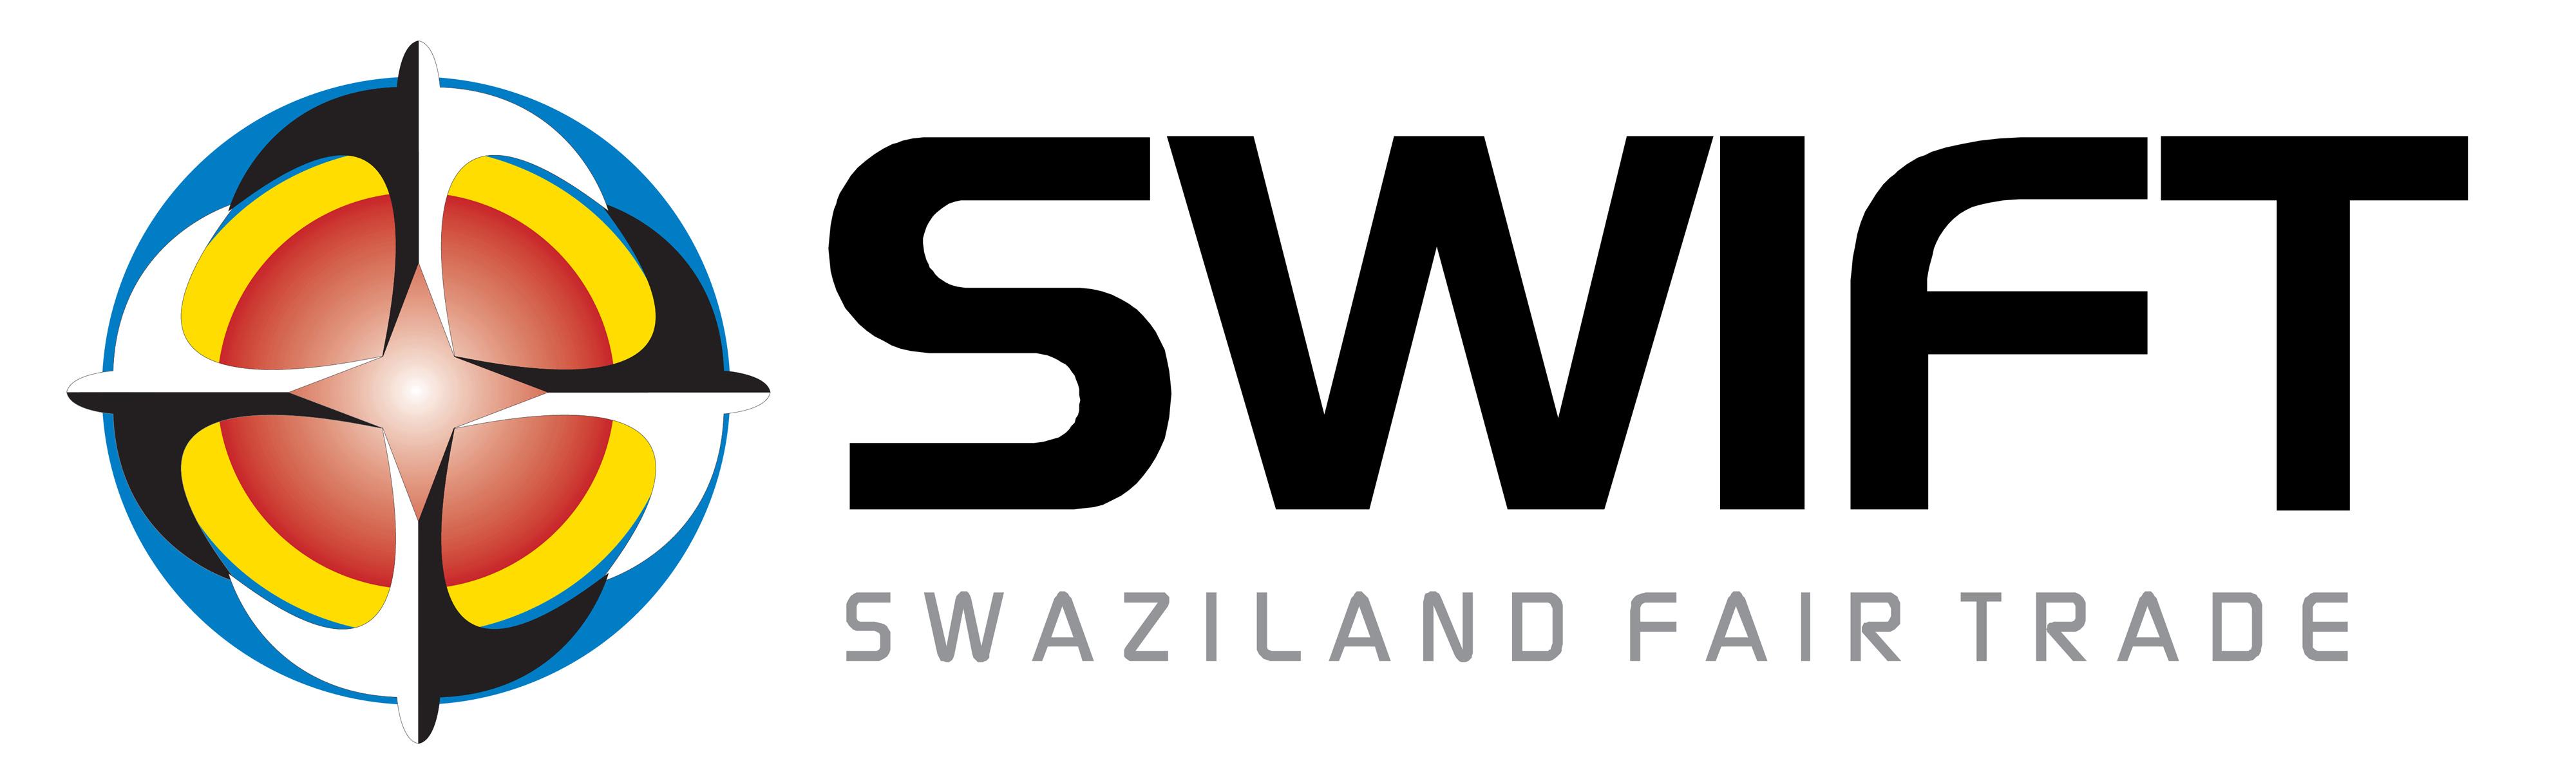 Swift-logo-rectangleweb Schöne Kerze Leuchtet In Verschiedenen Farben Dekorationen